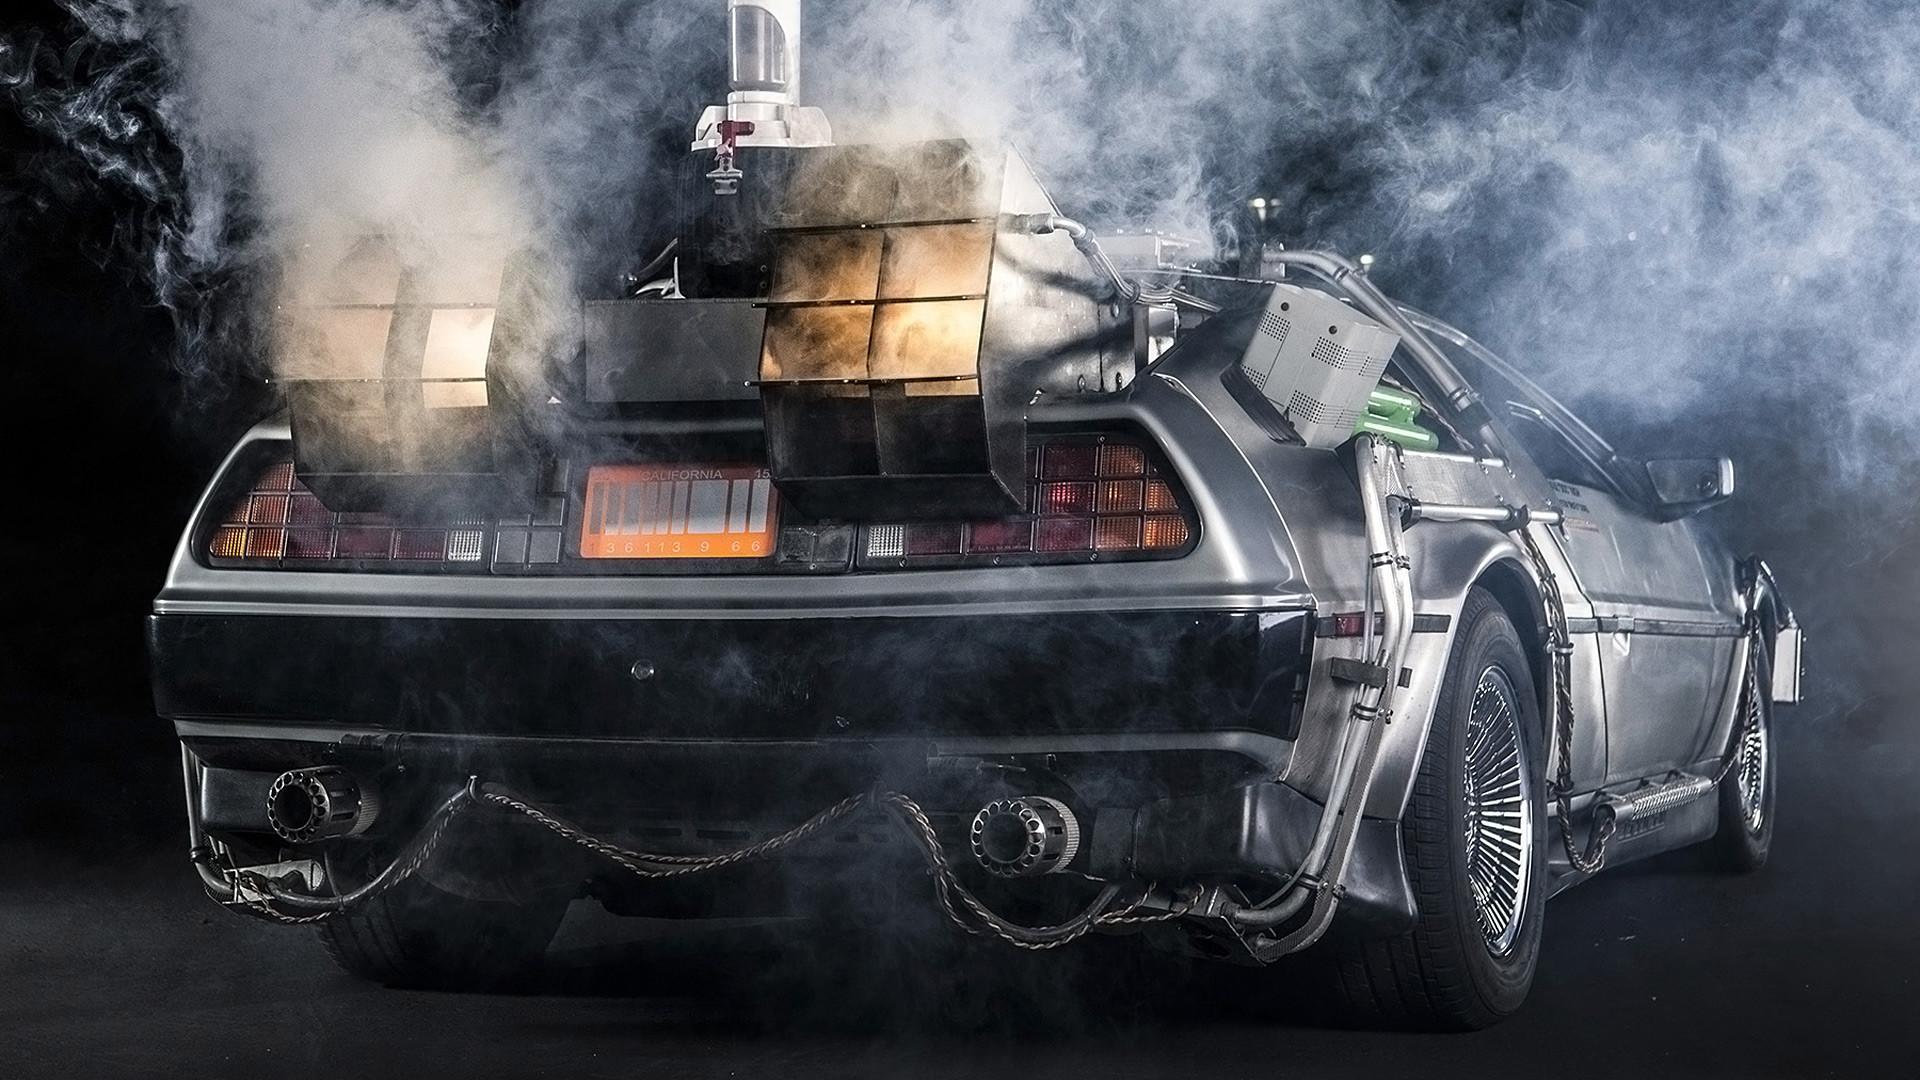 1985 DeLorean DMC-12 'Back to the Future' picture